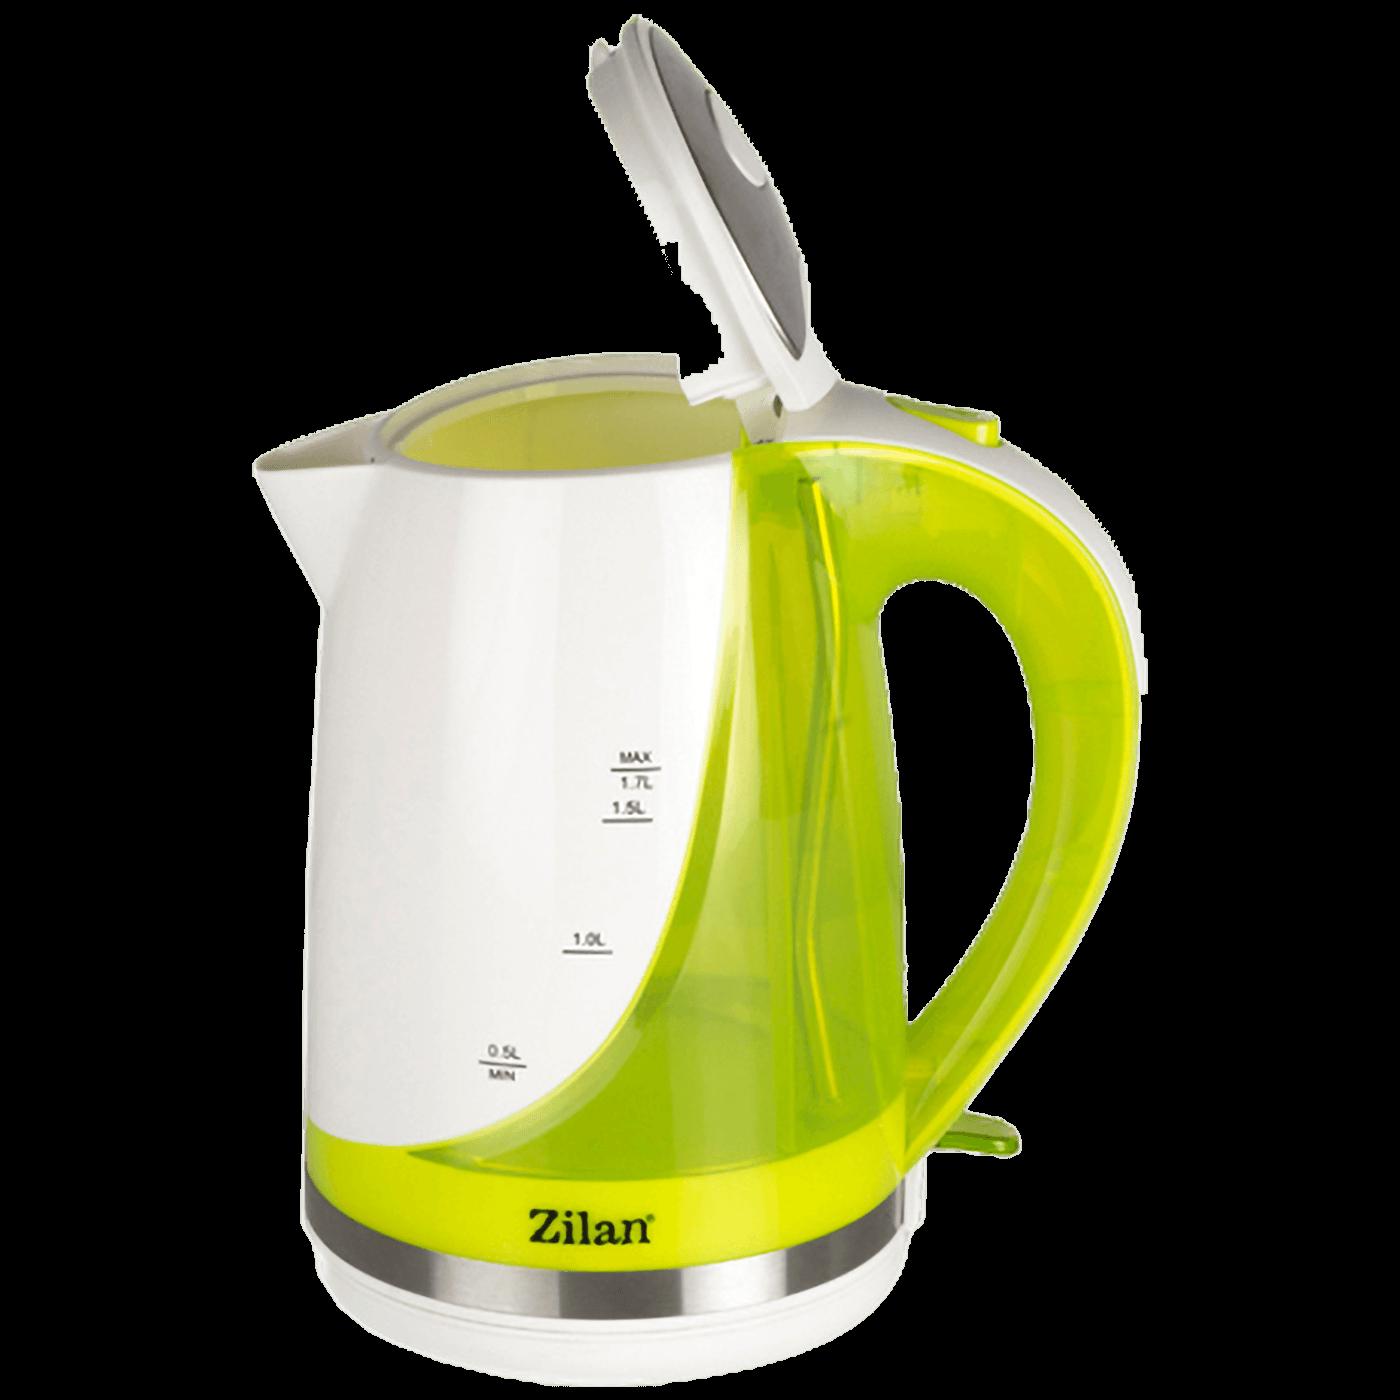 Kuhalo za vodu, zapremina 1.7 l, 1850-2200 W, zelena